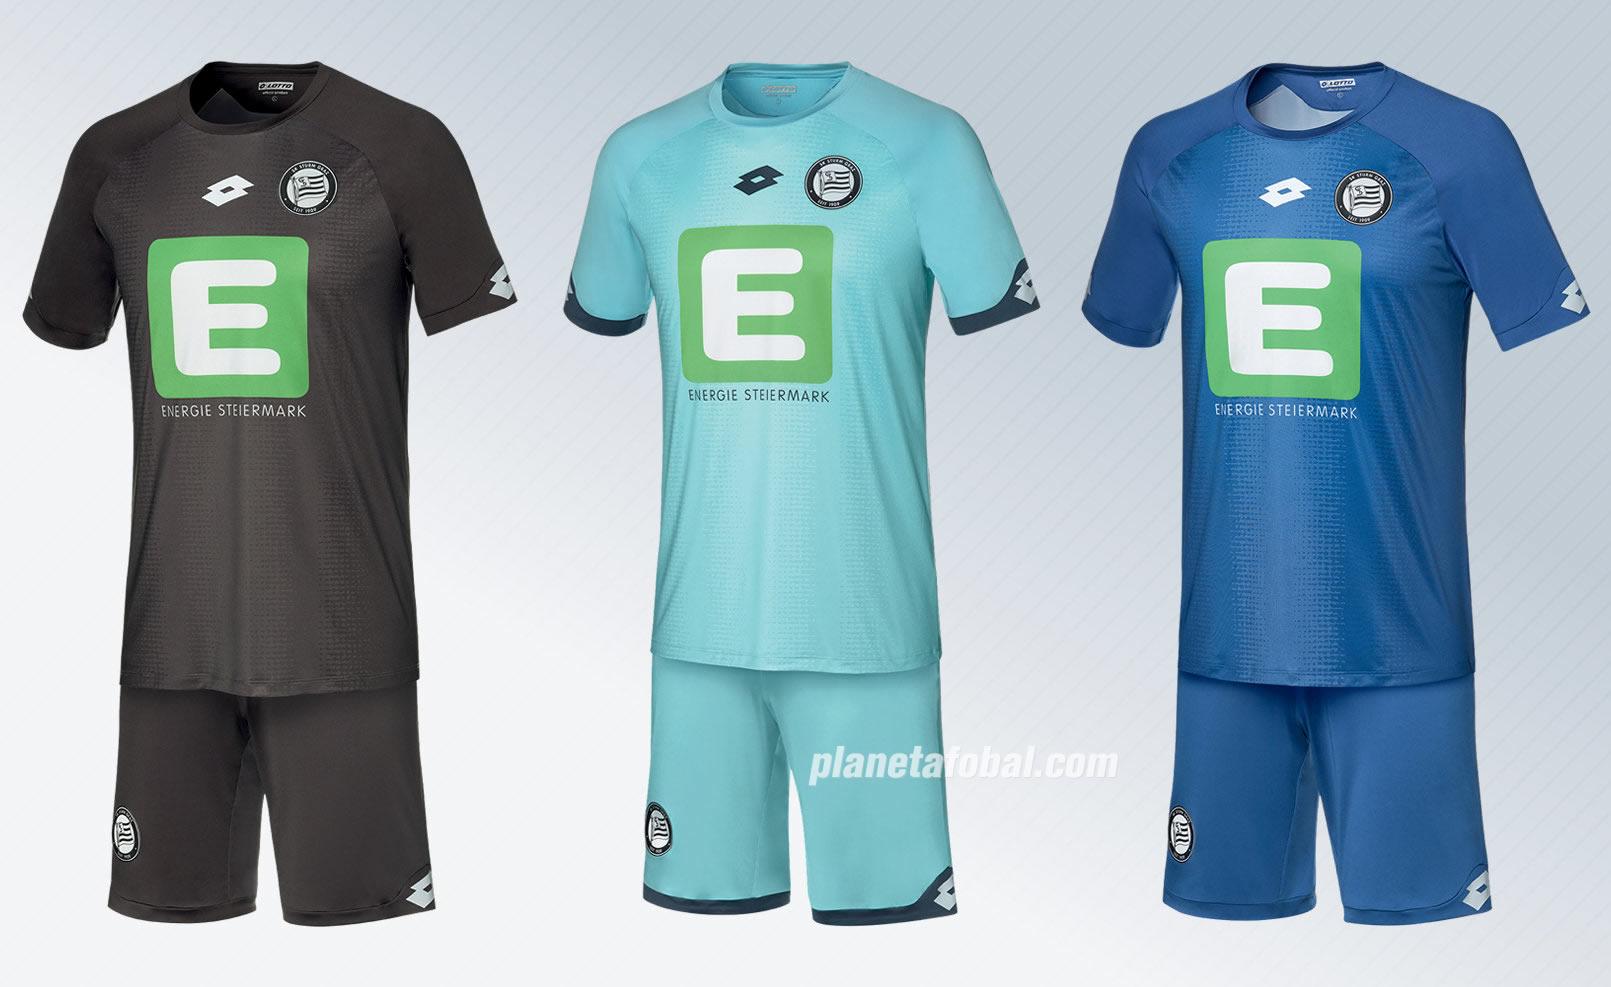 Camisetas de arquero Lotto del Sturm Graz 2018/19 | Imagen Web Oficial